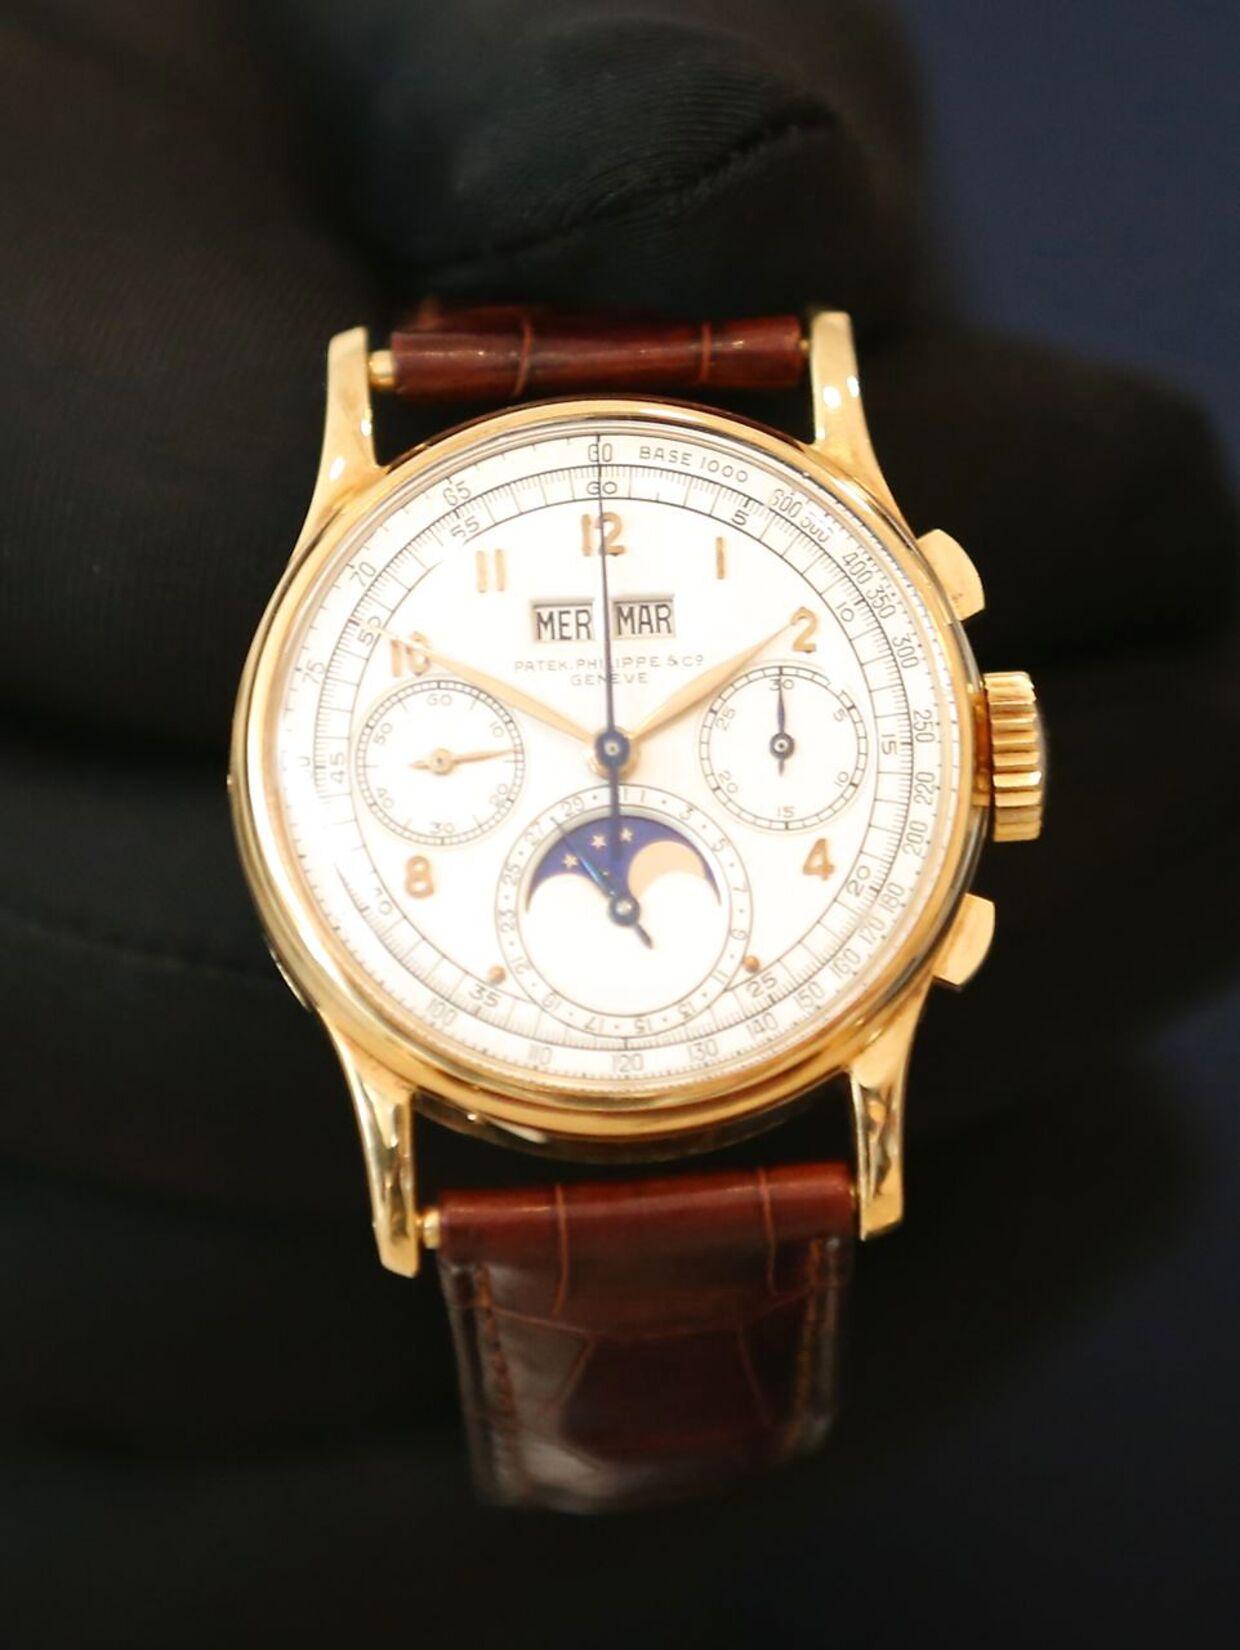 Kong Farouk af Egypten (1920 - 1965) bar dette Patek Phillipe ur.